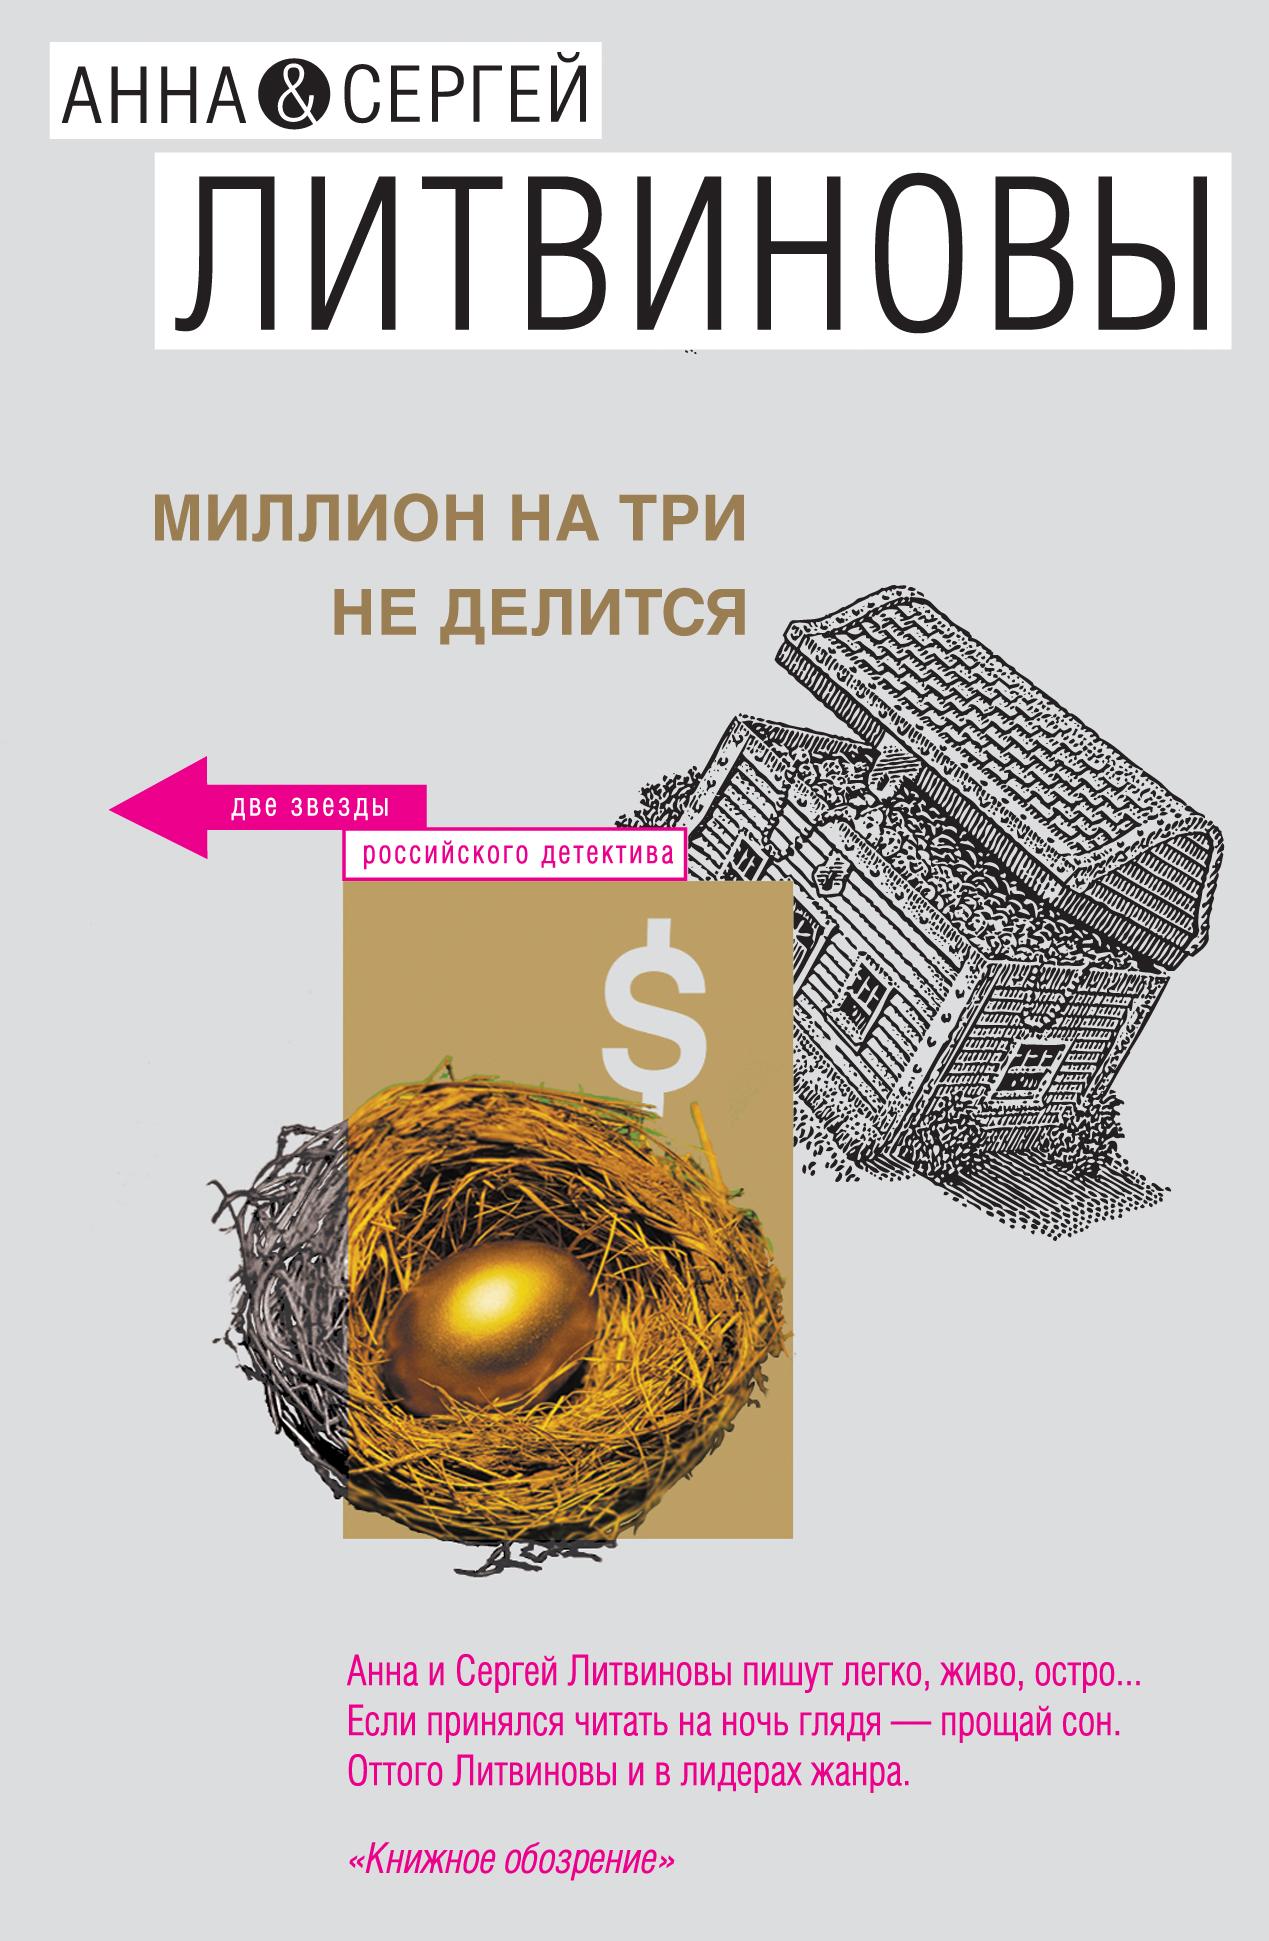 Анна и Сергей Литвиновы Миллион на три не делится (сборник) анна и сергей литвиновы все мужчины любят это сборник